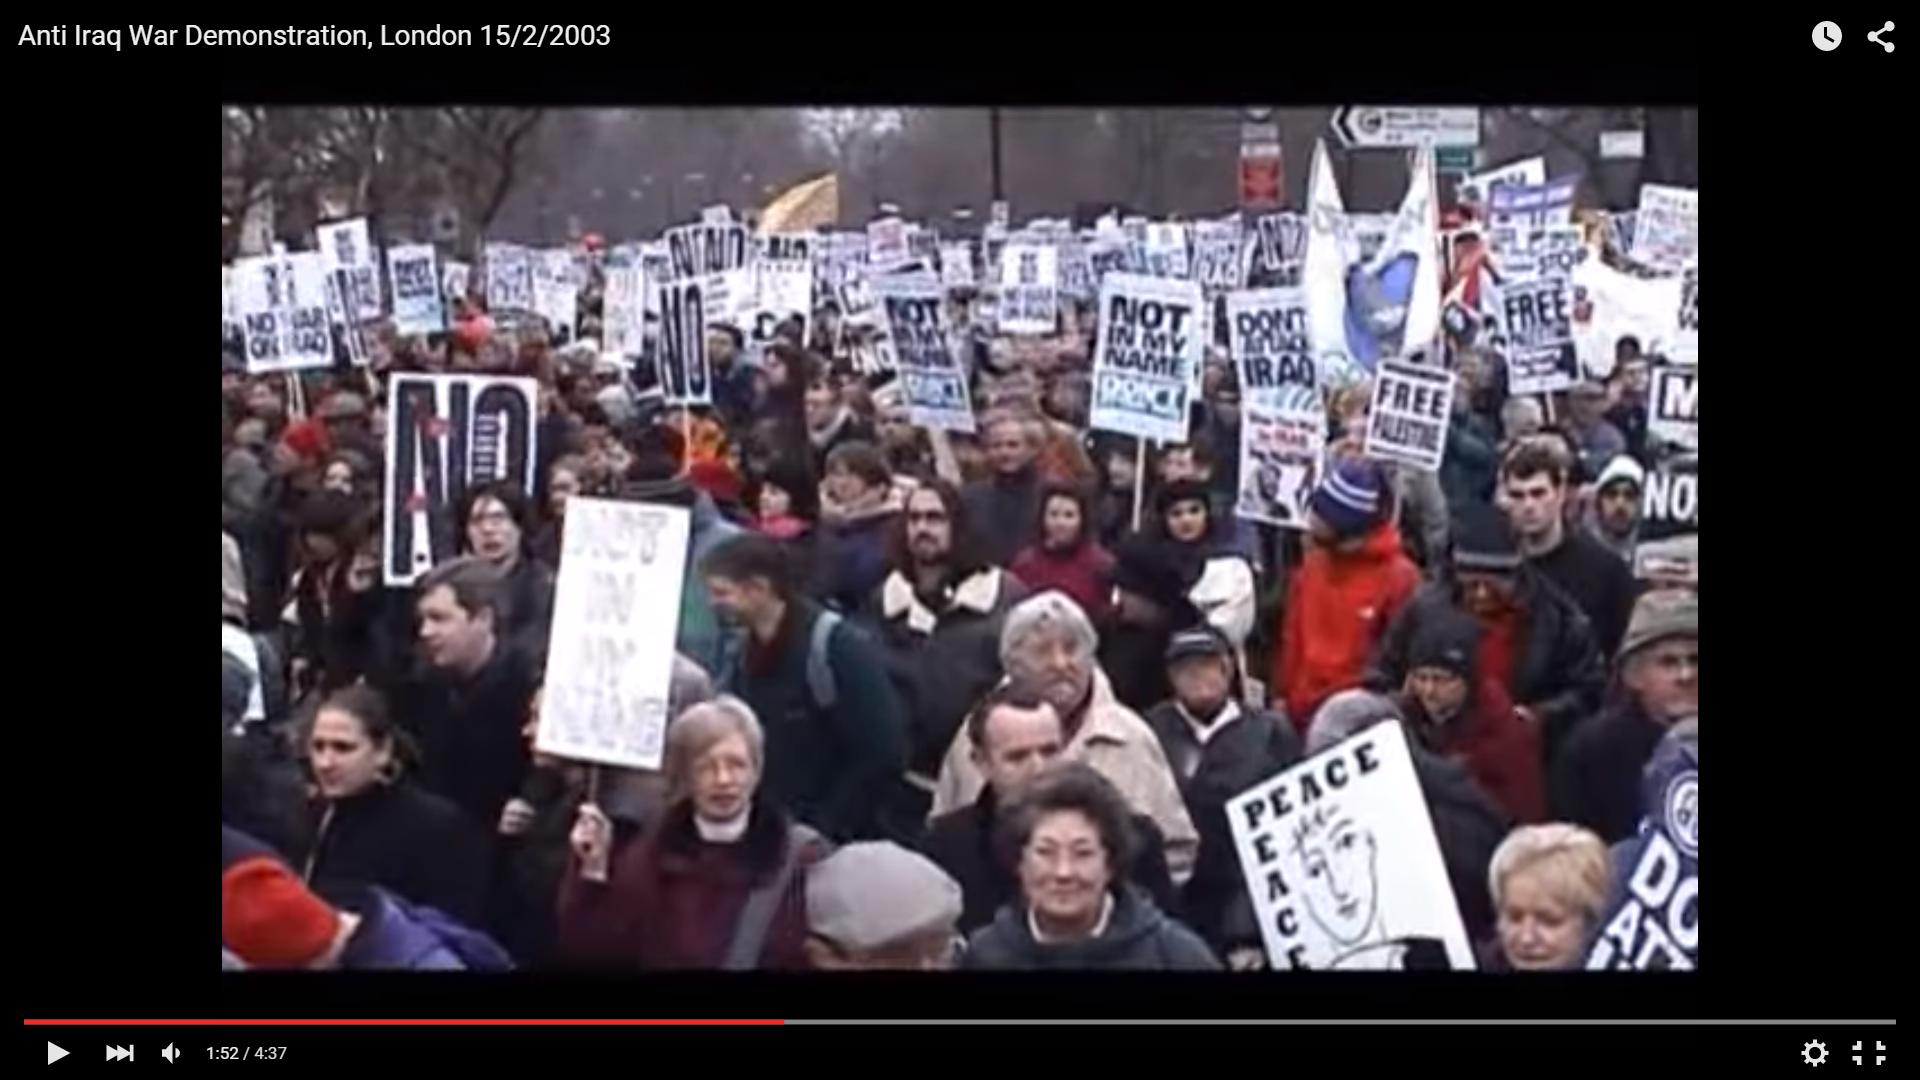 Anti-Iraq War demo 2003